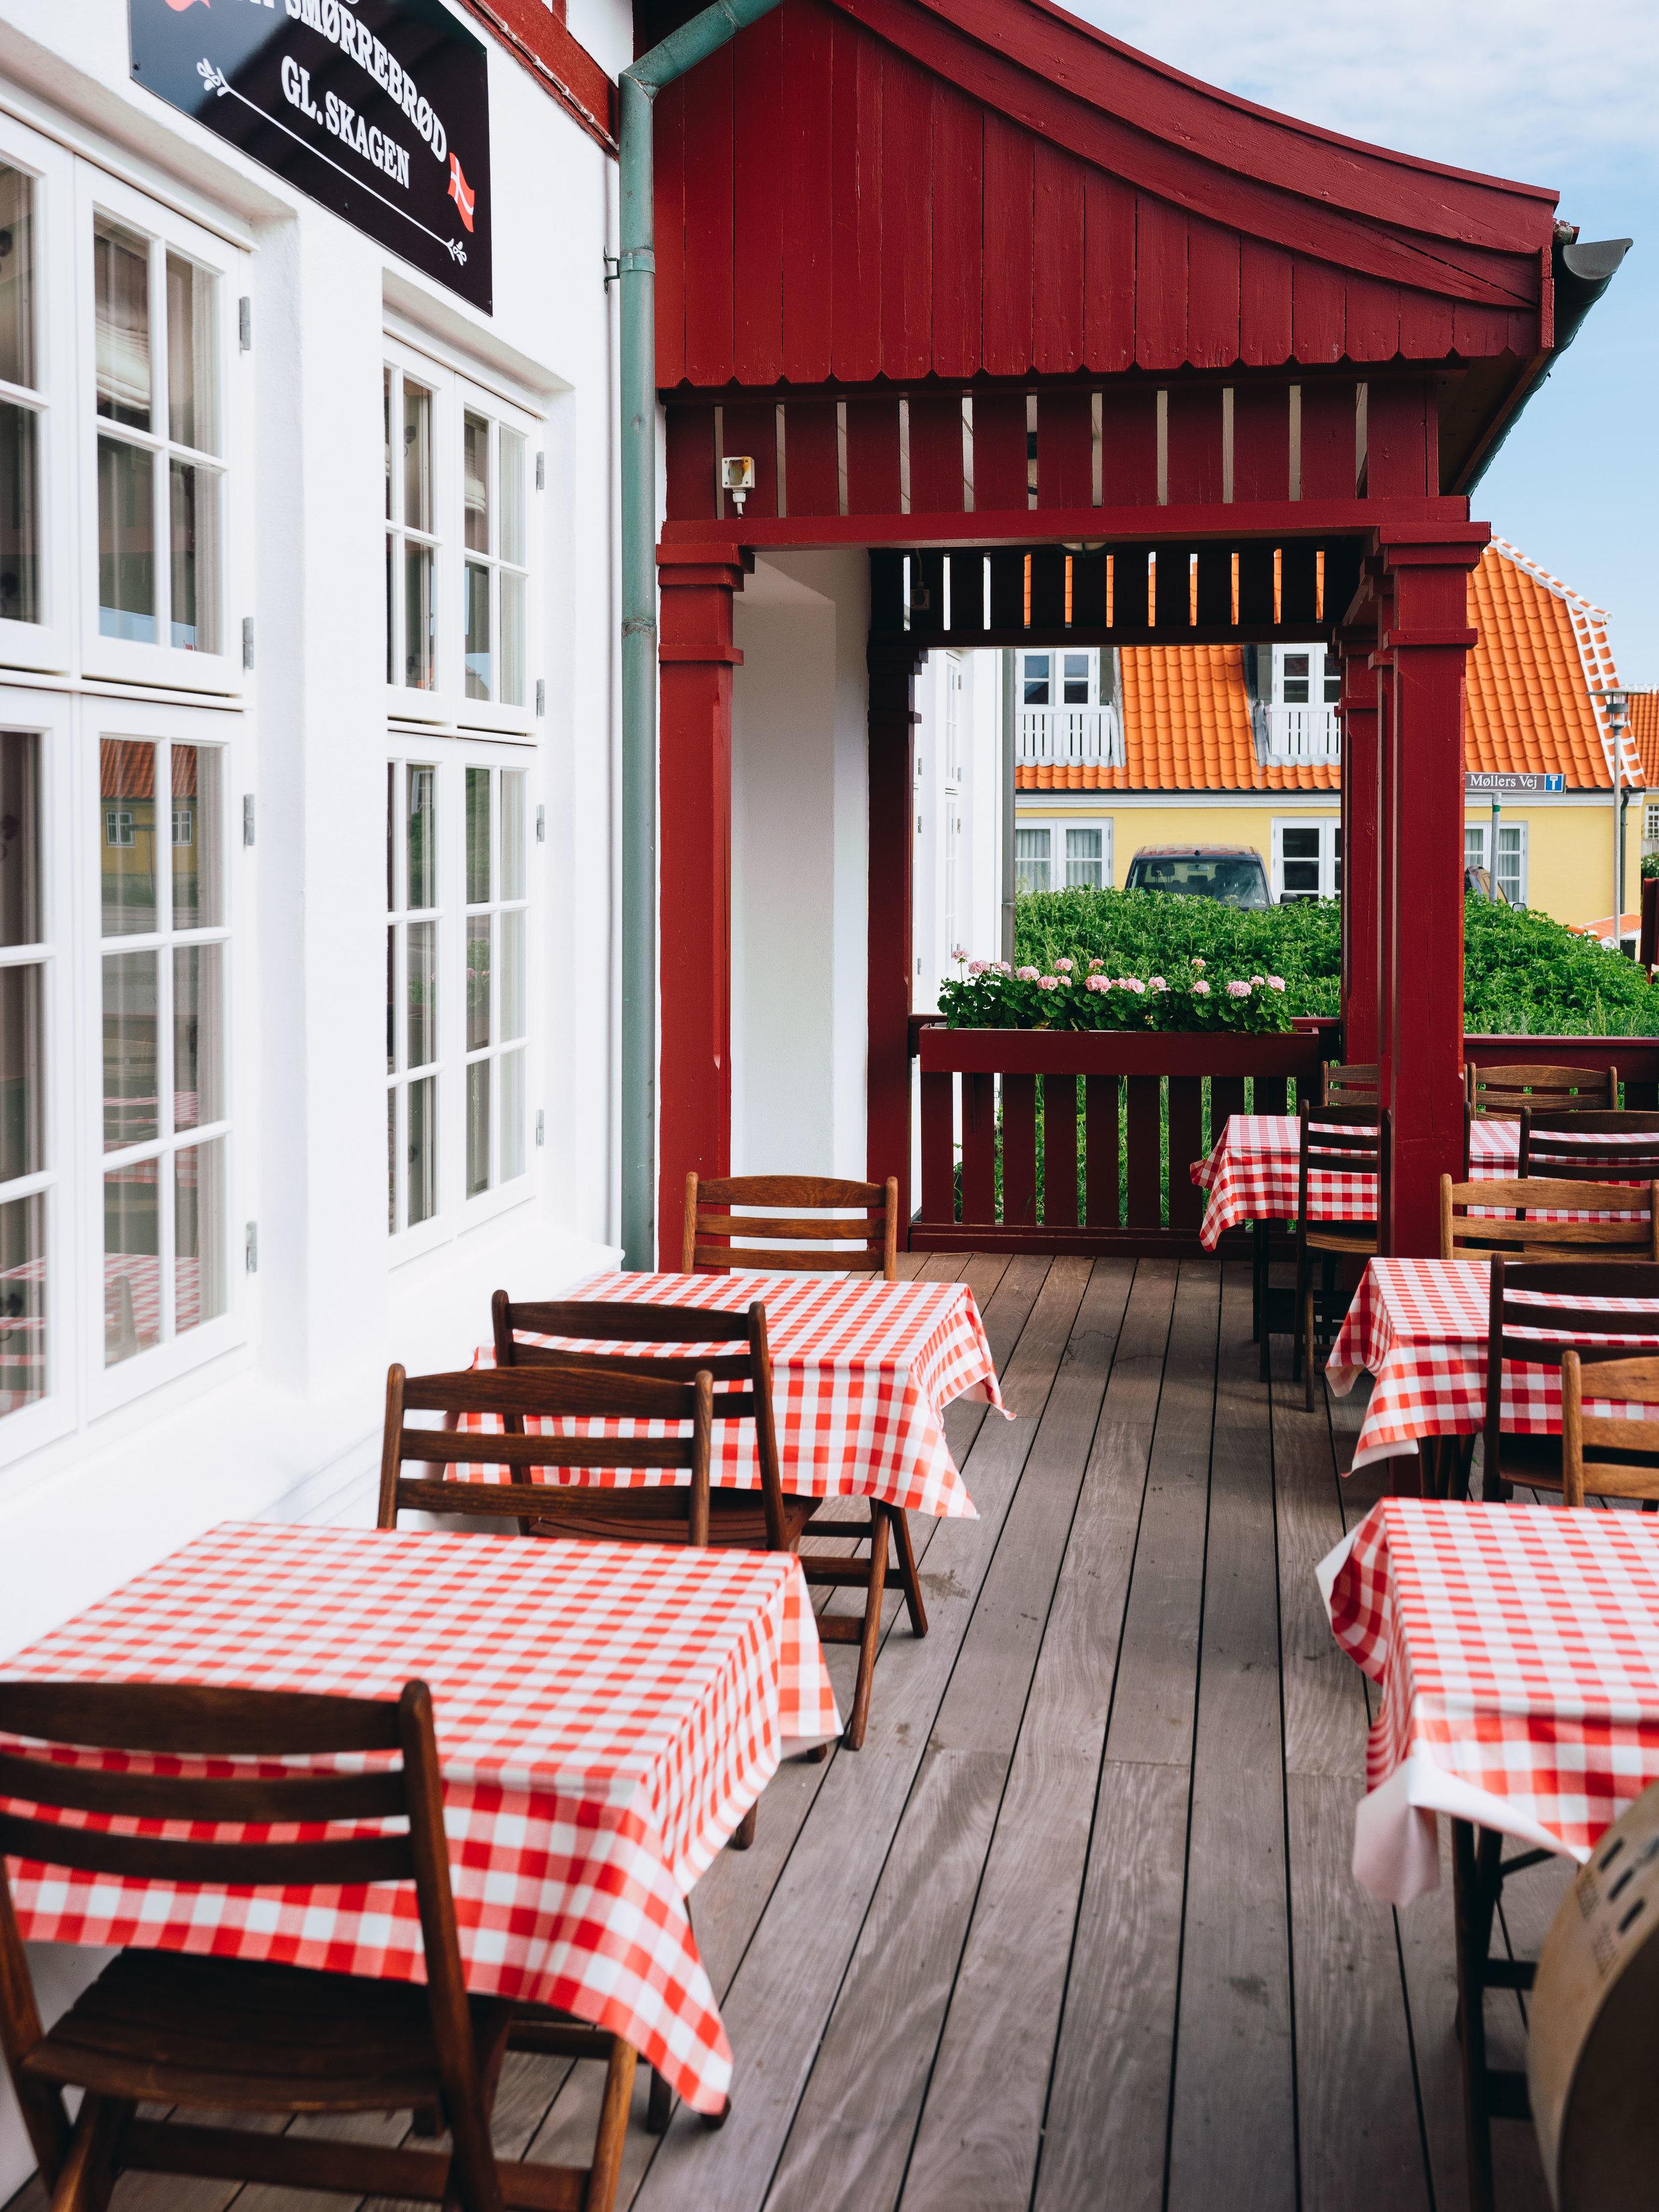 ASROSENVINGE_VisitDenmark_Nordjylland-04281.jpg